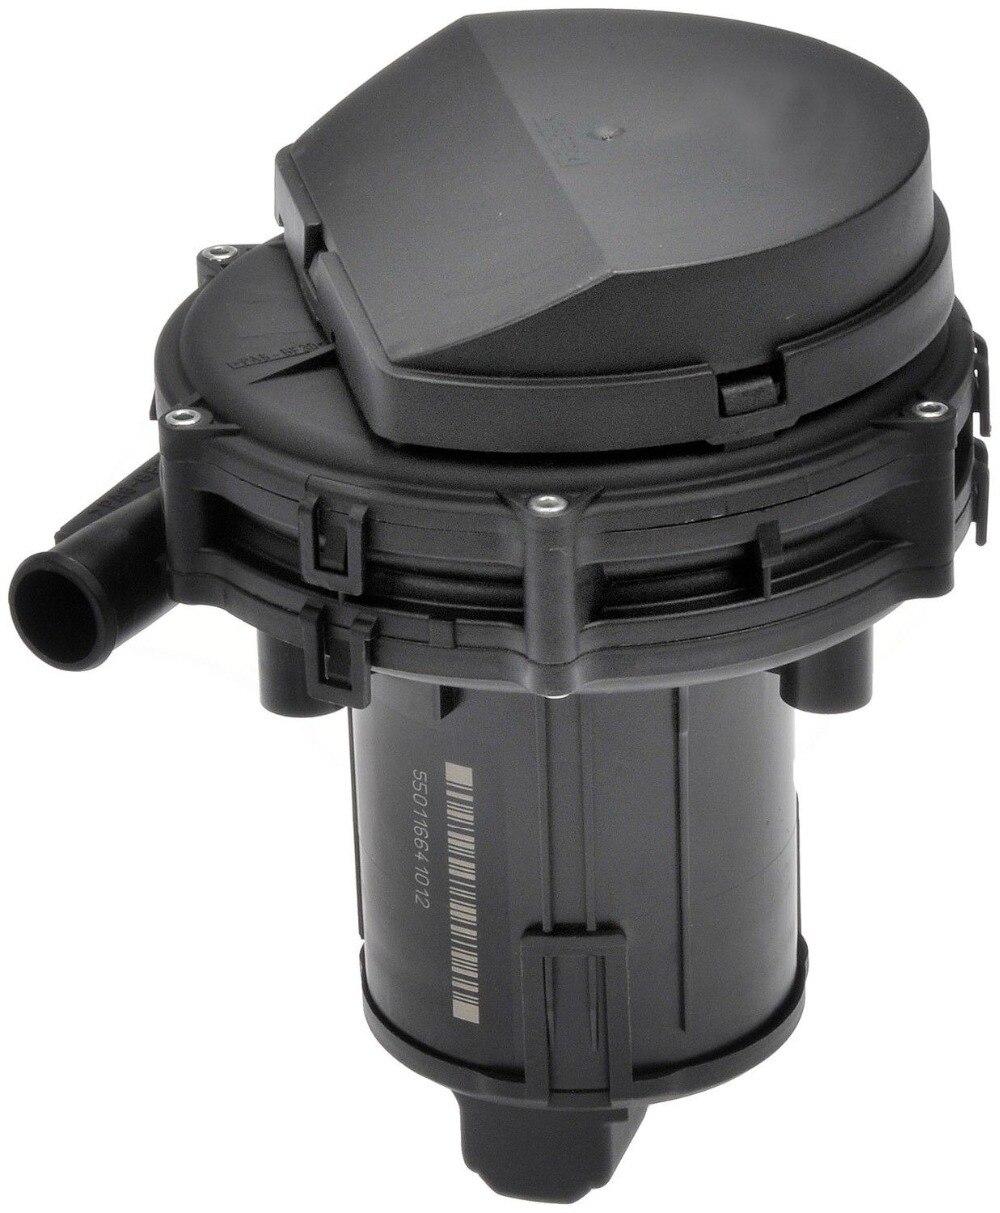 New Secondary Air Pump For BMW 323 325 328 330 323i E90 328i E93 99 325i E46